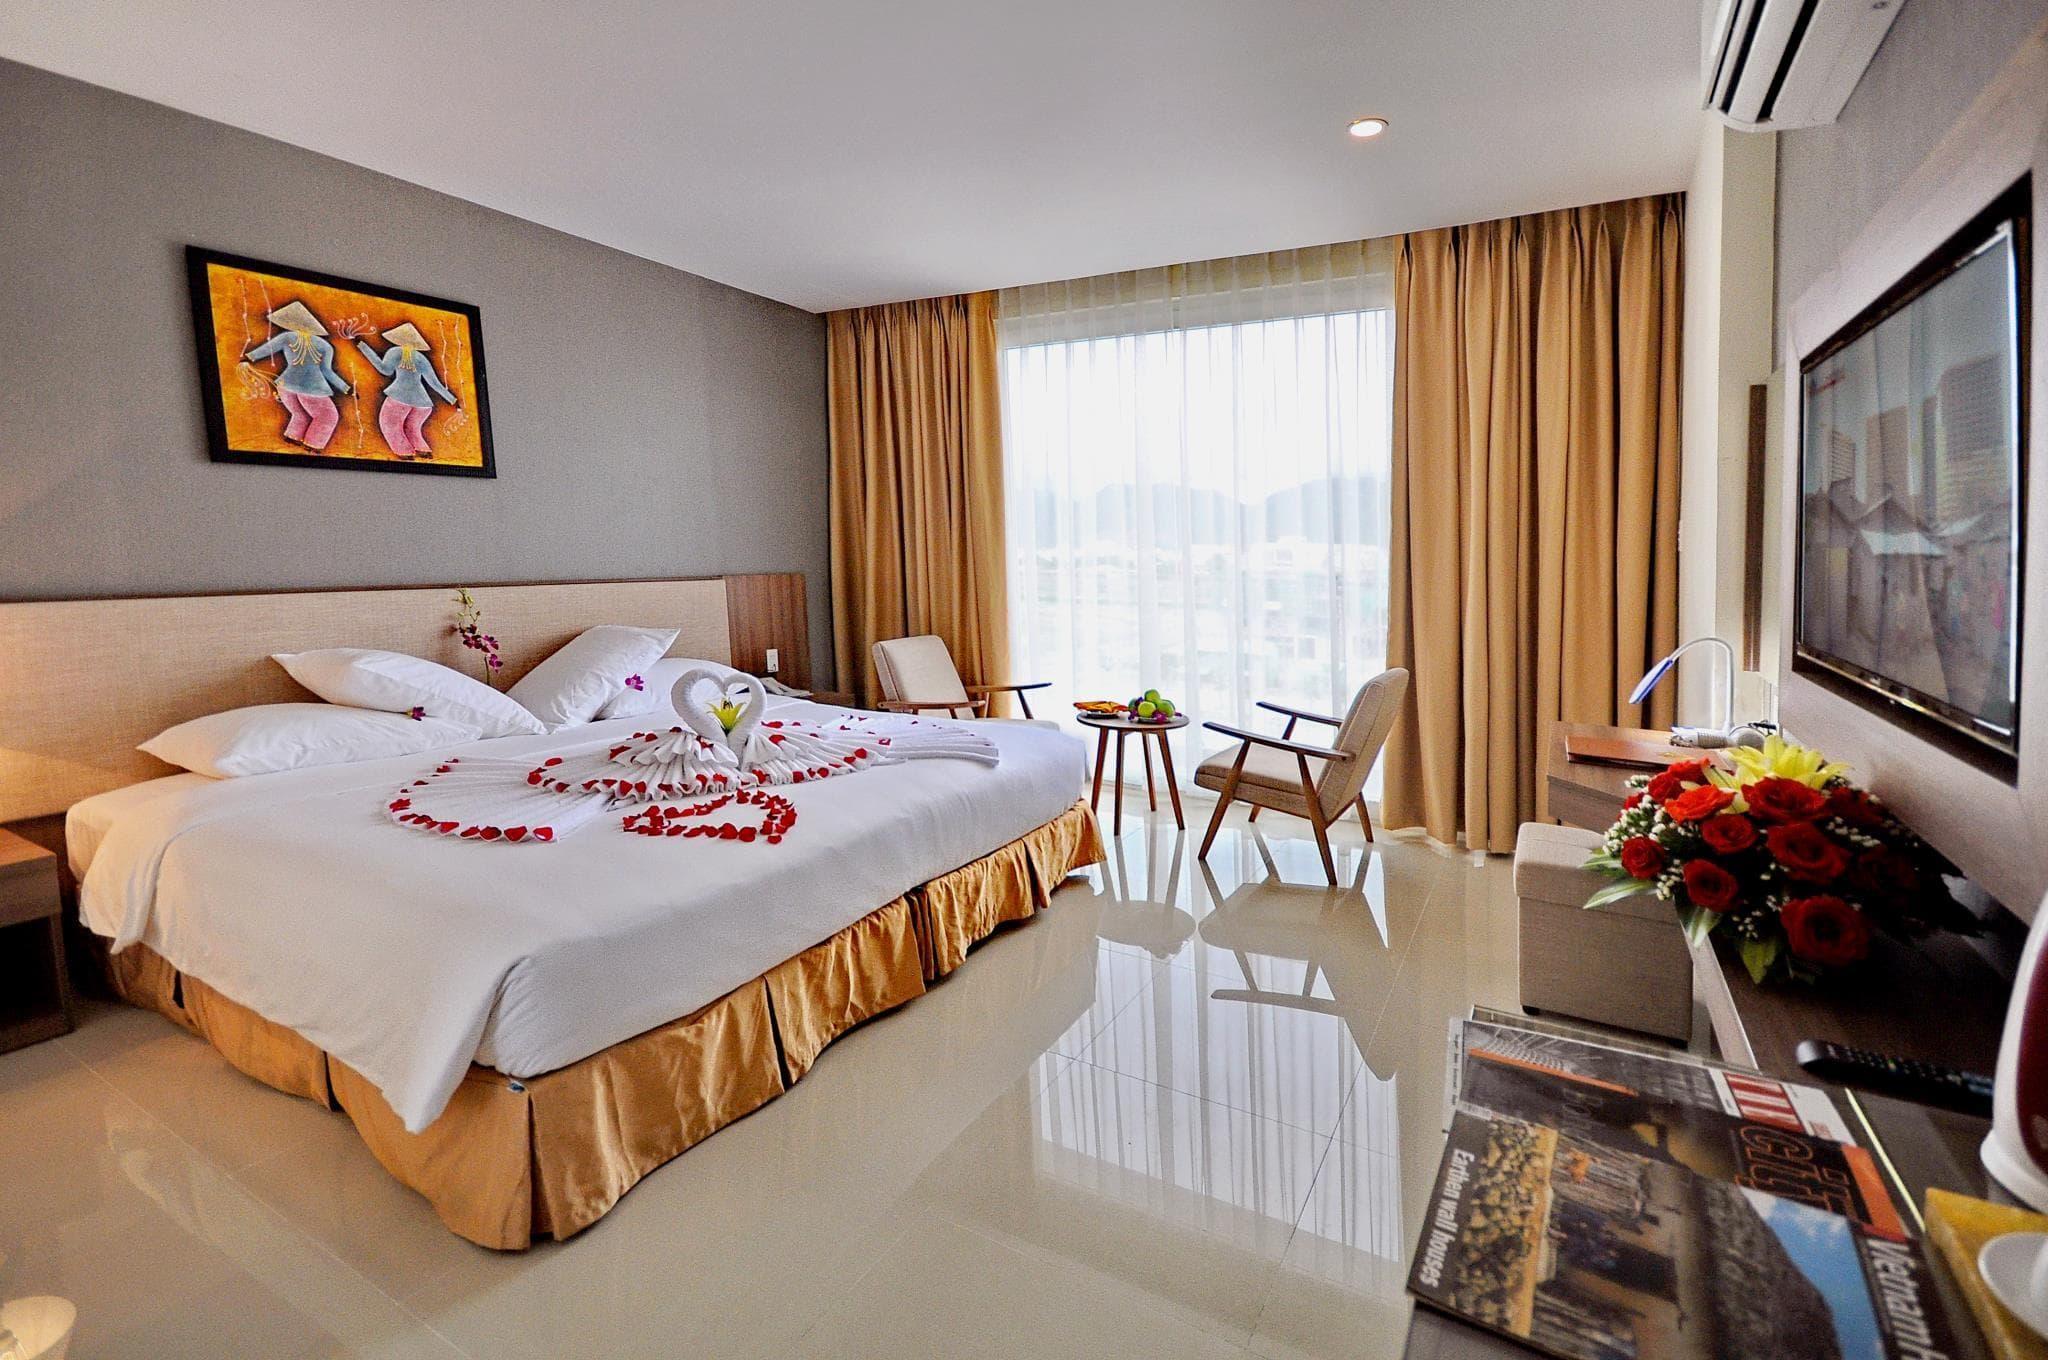 Khách Sạn Nha Trang Gần Biển - Rigel Hotel Nha Trang